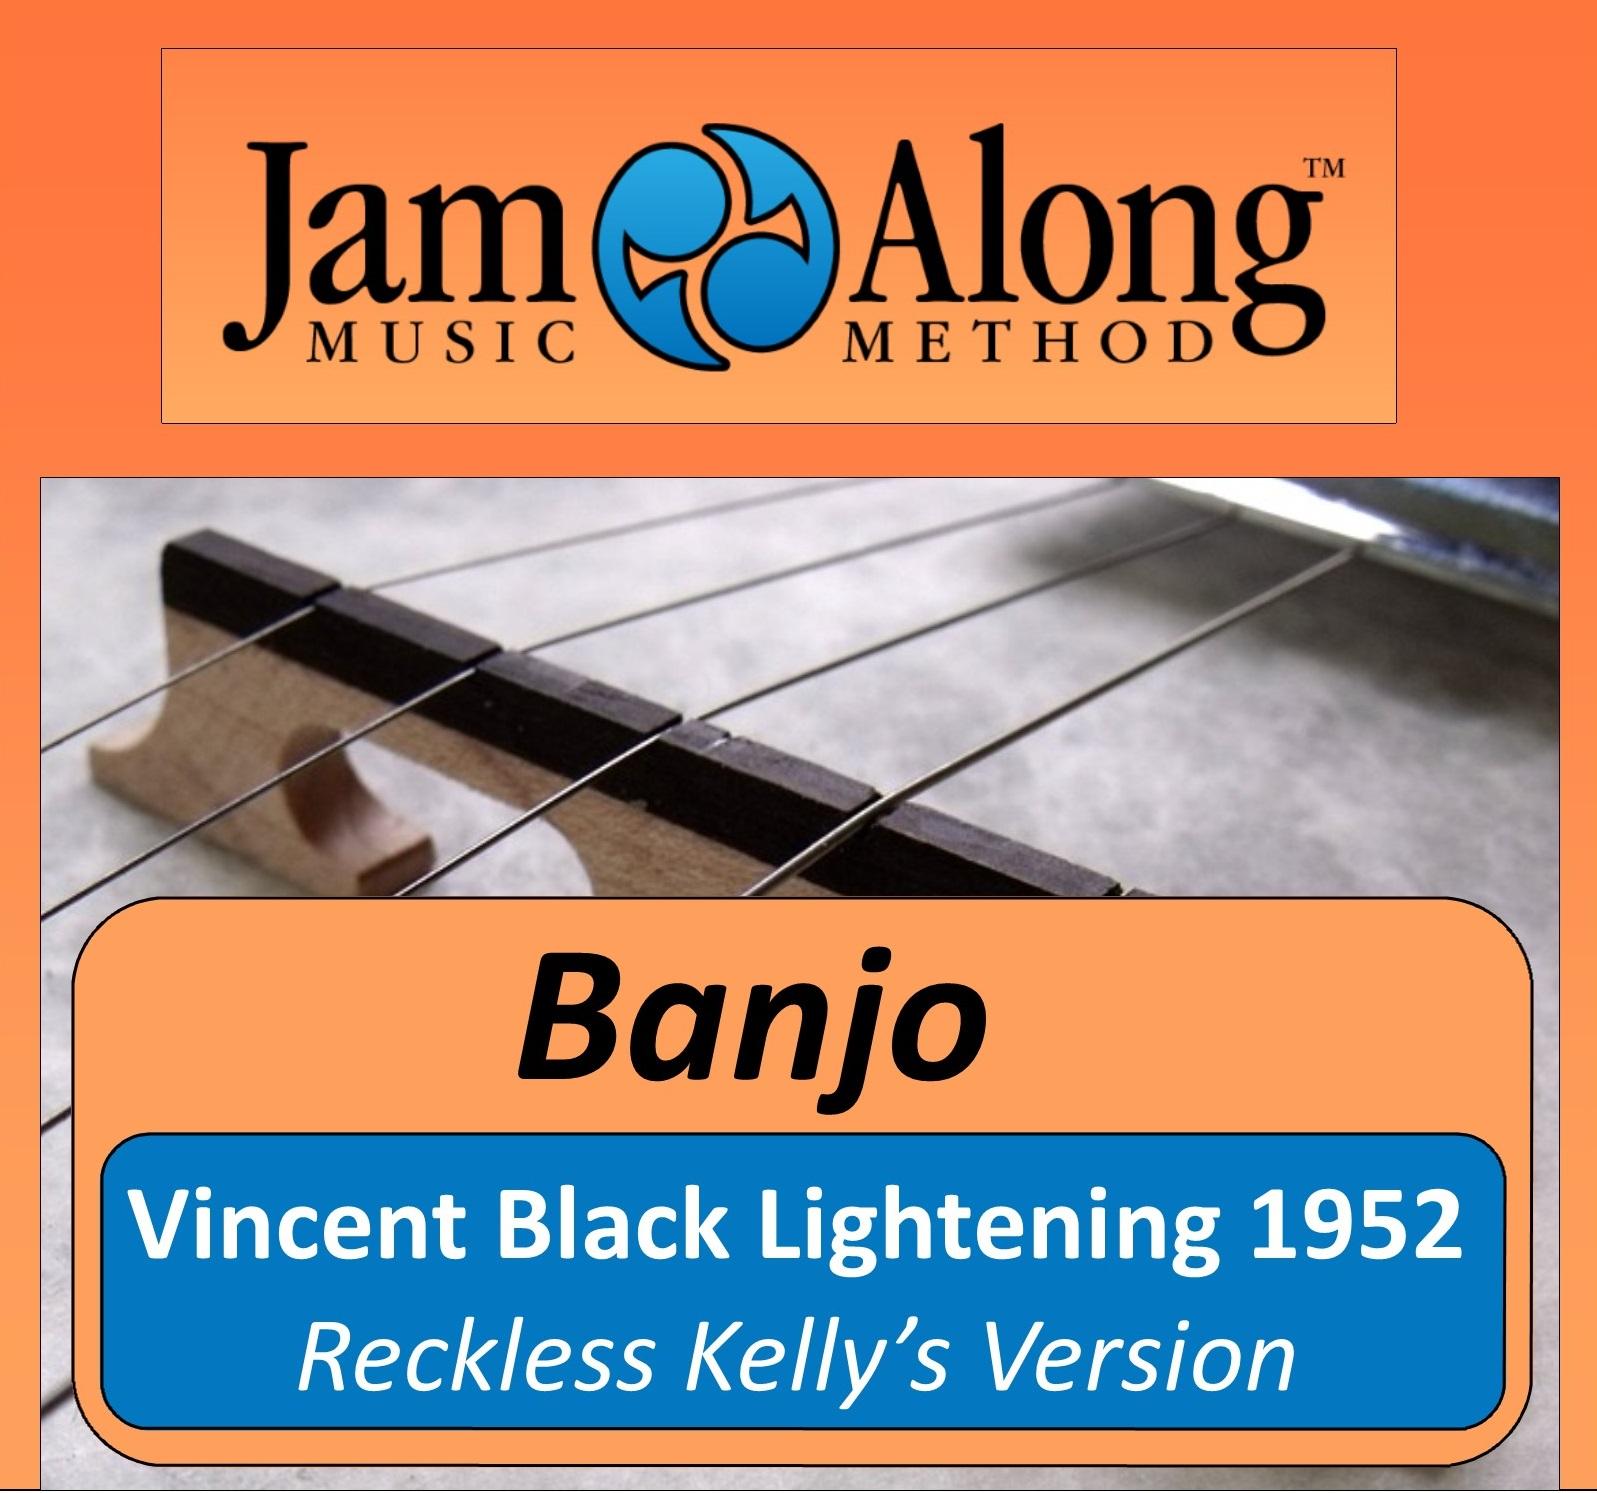 Vincent Black Lightening 1952